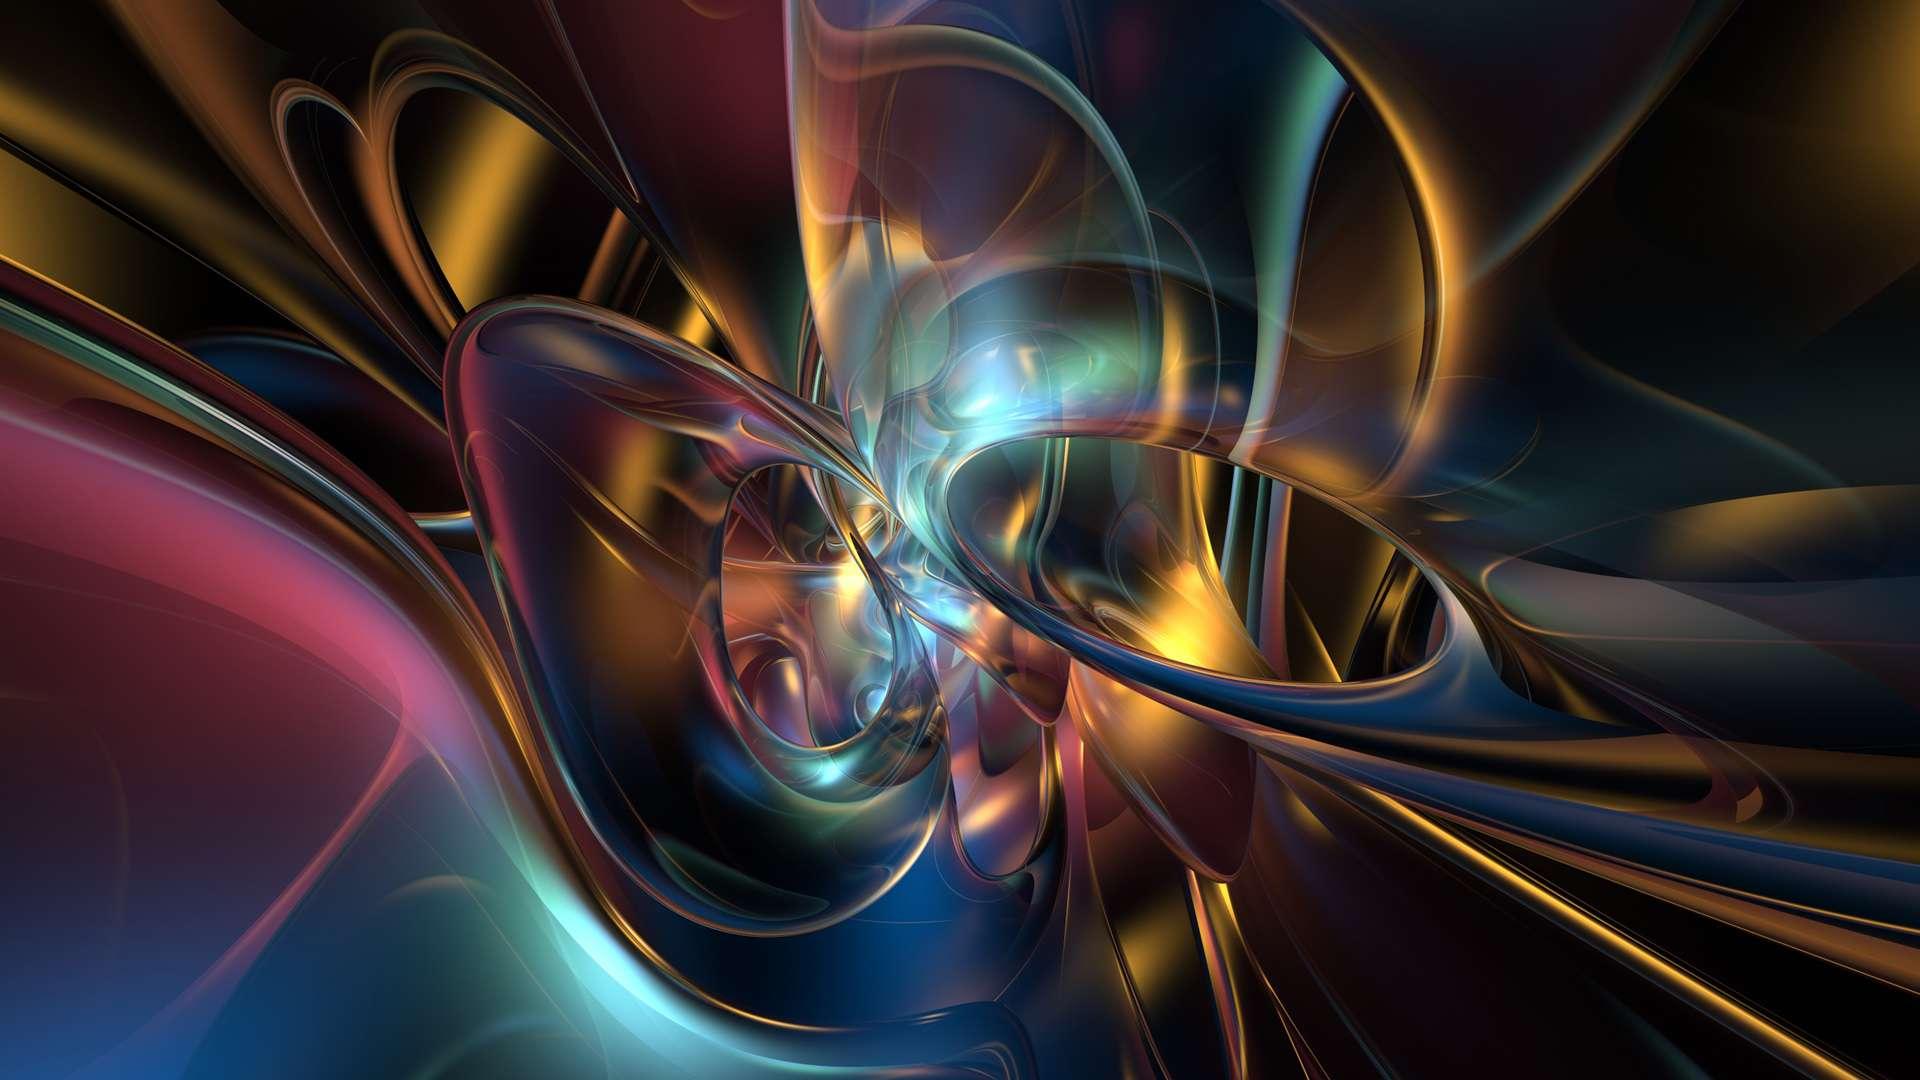 http://img30.imageshack.us/img30/3549/imagenesskamaslecom011.jpg